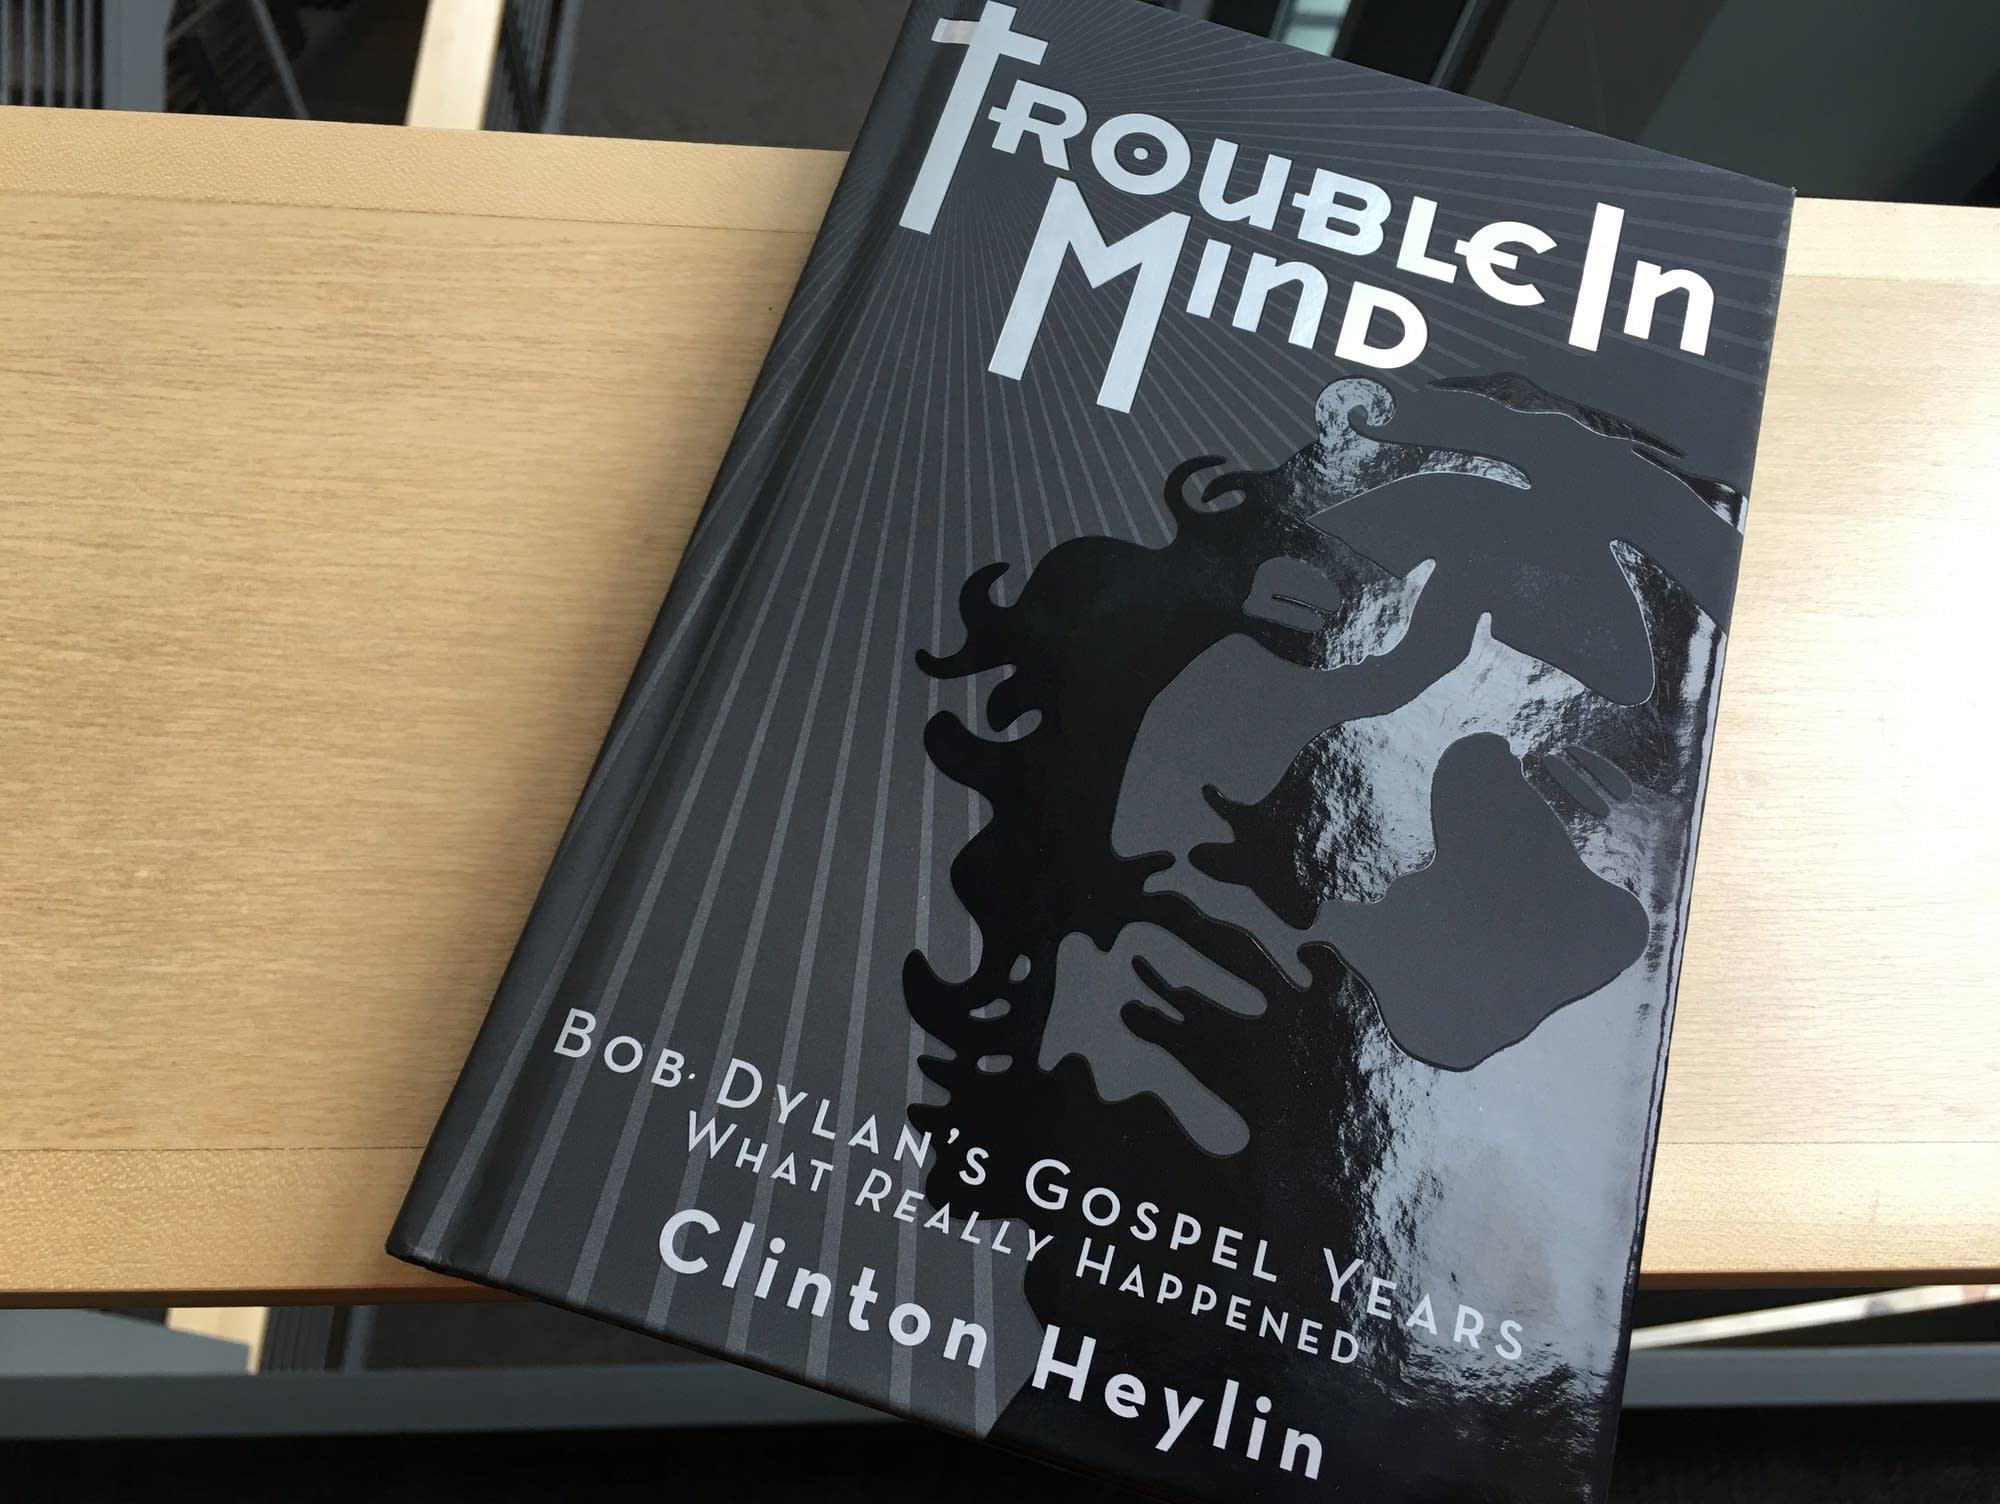 Clinton Heylin's 'Trouble in Mind.'